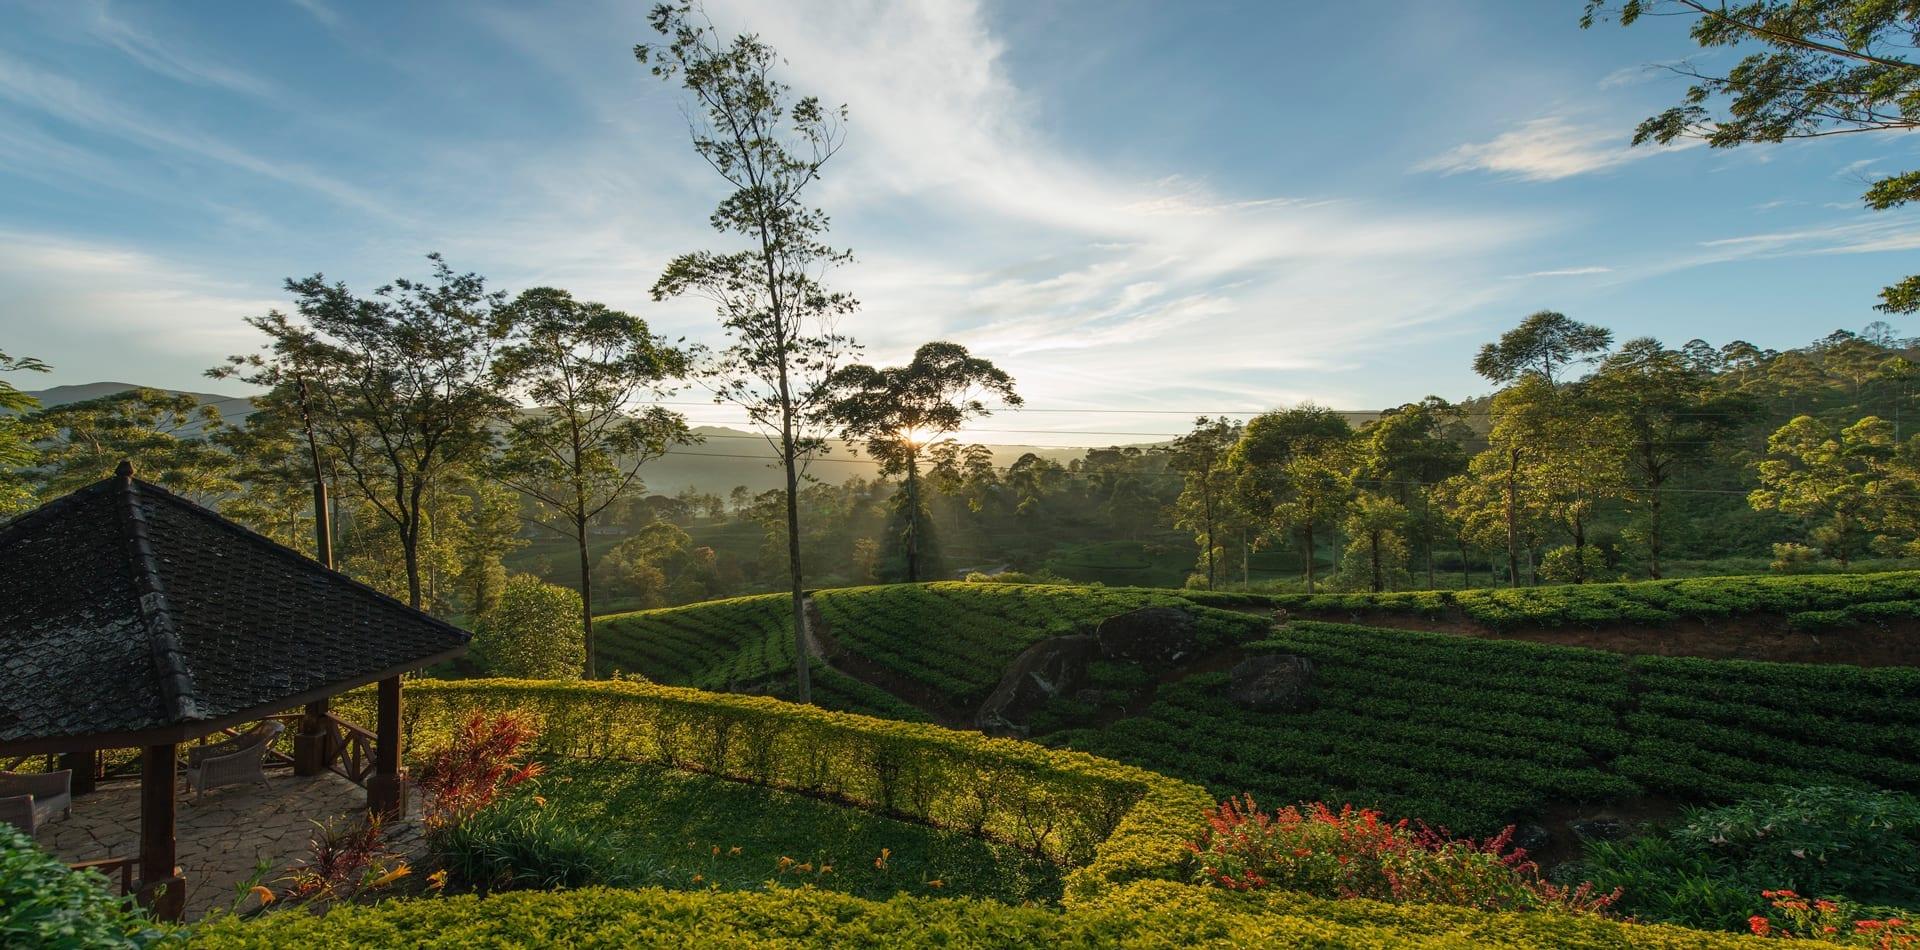 Sun shining across tea fields in Sri Lanka